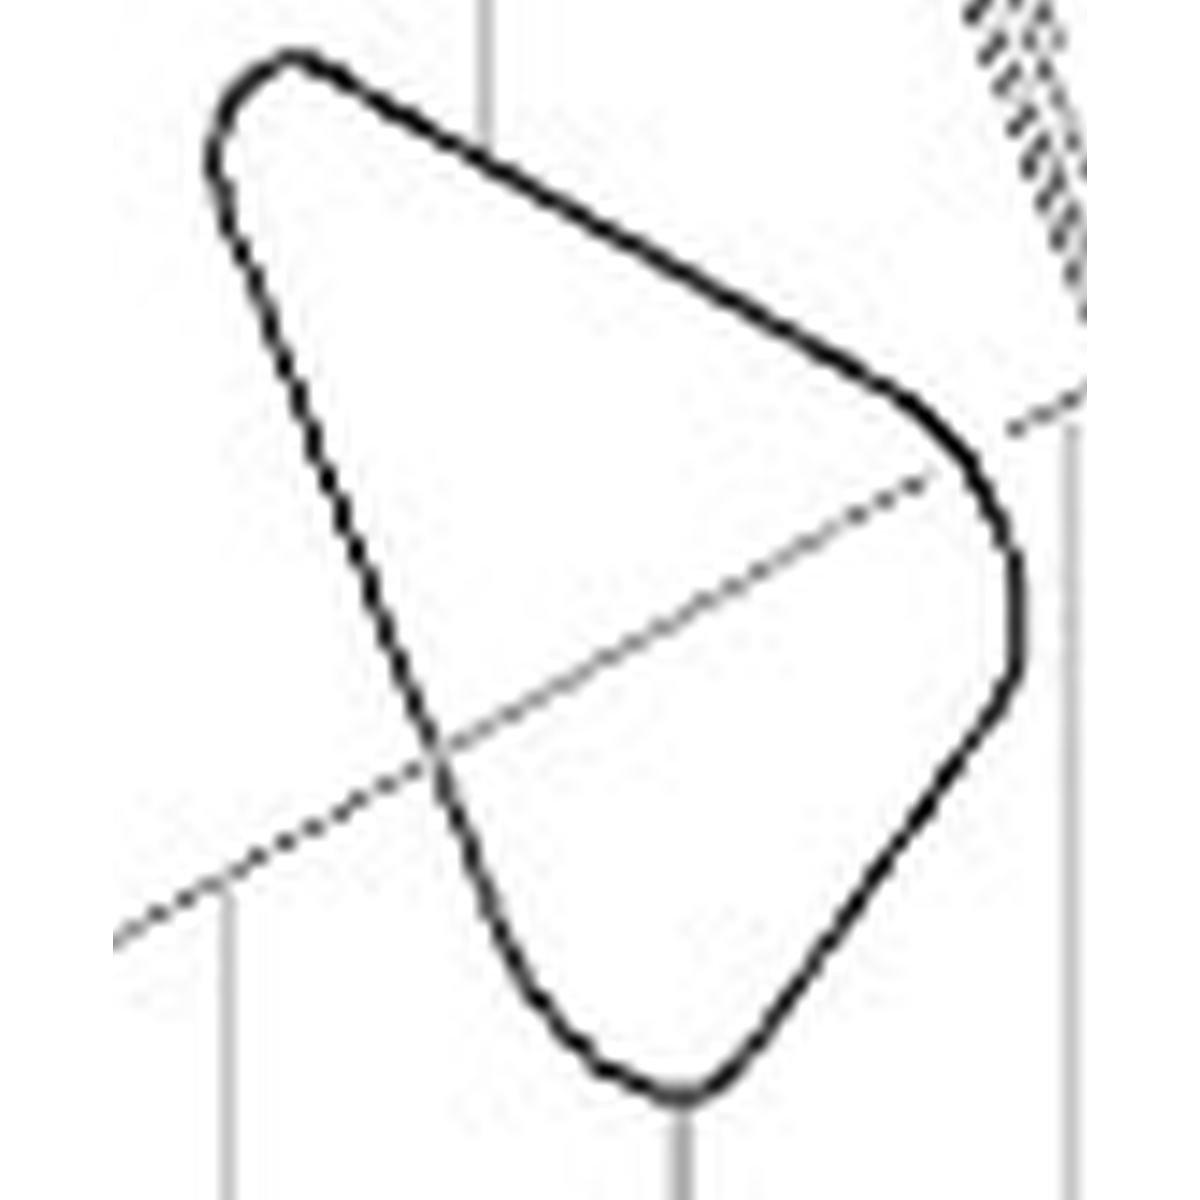 Trekantspakning til trykkammer